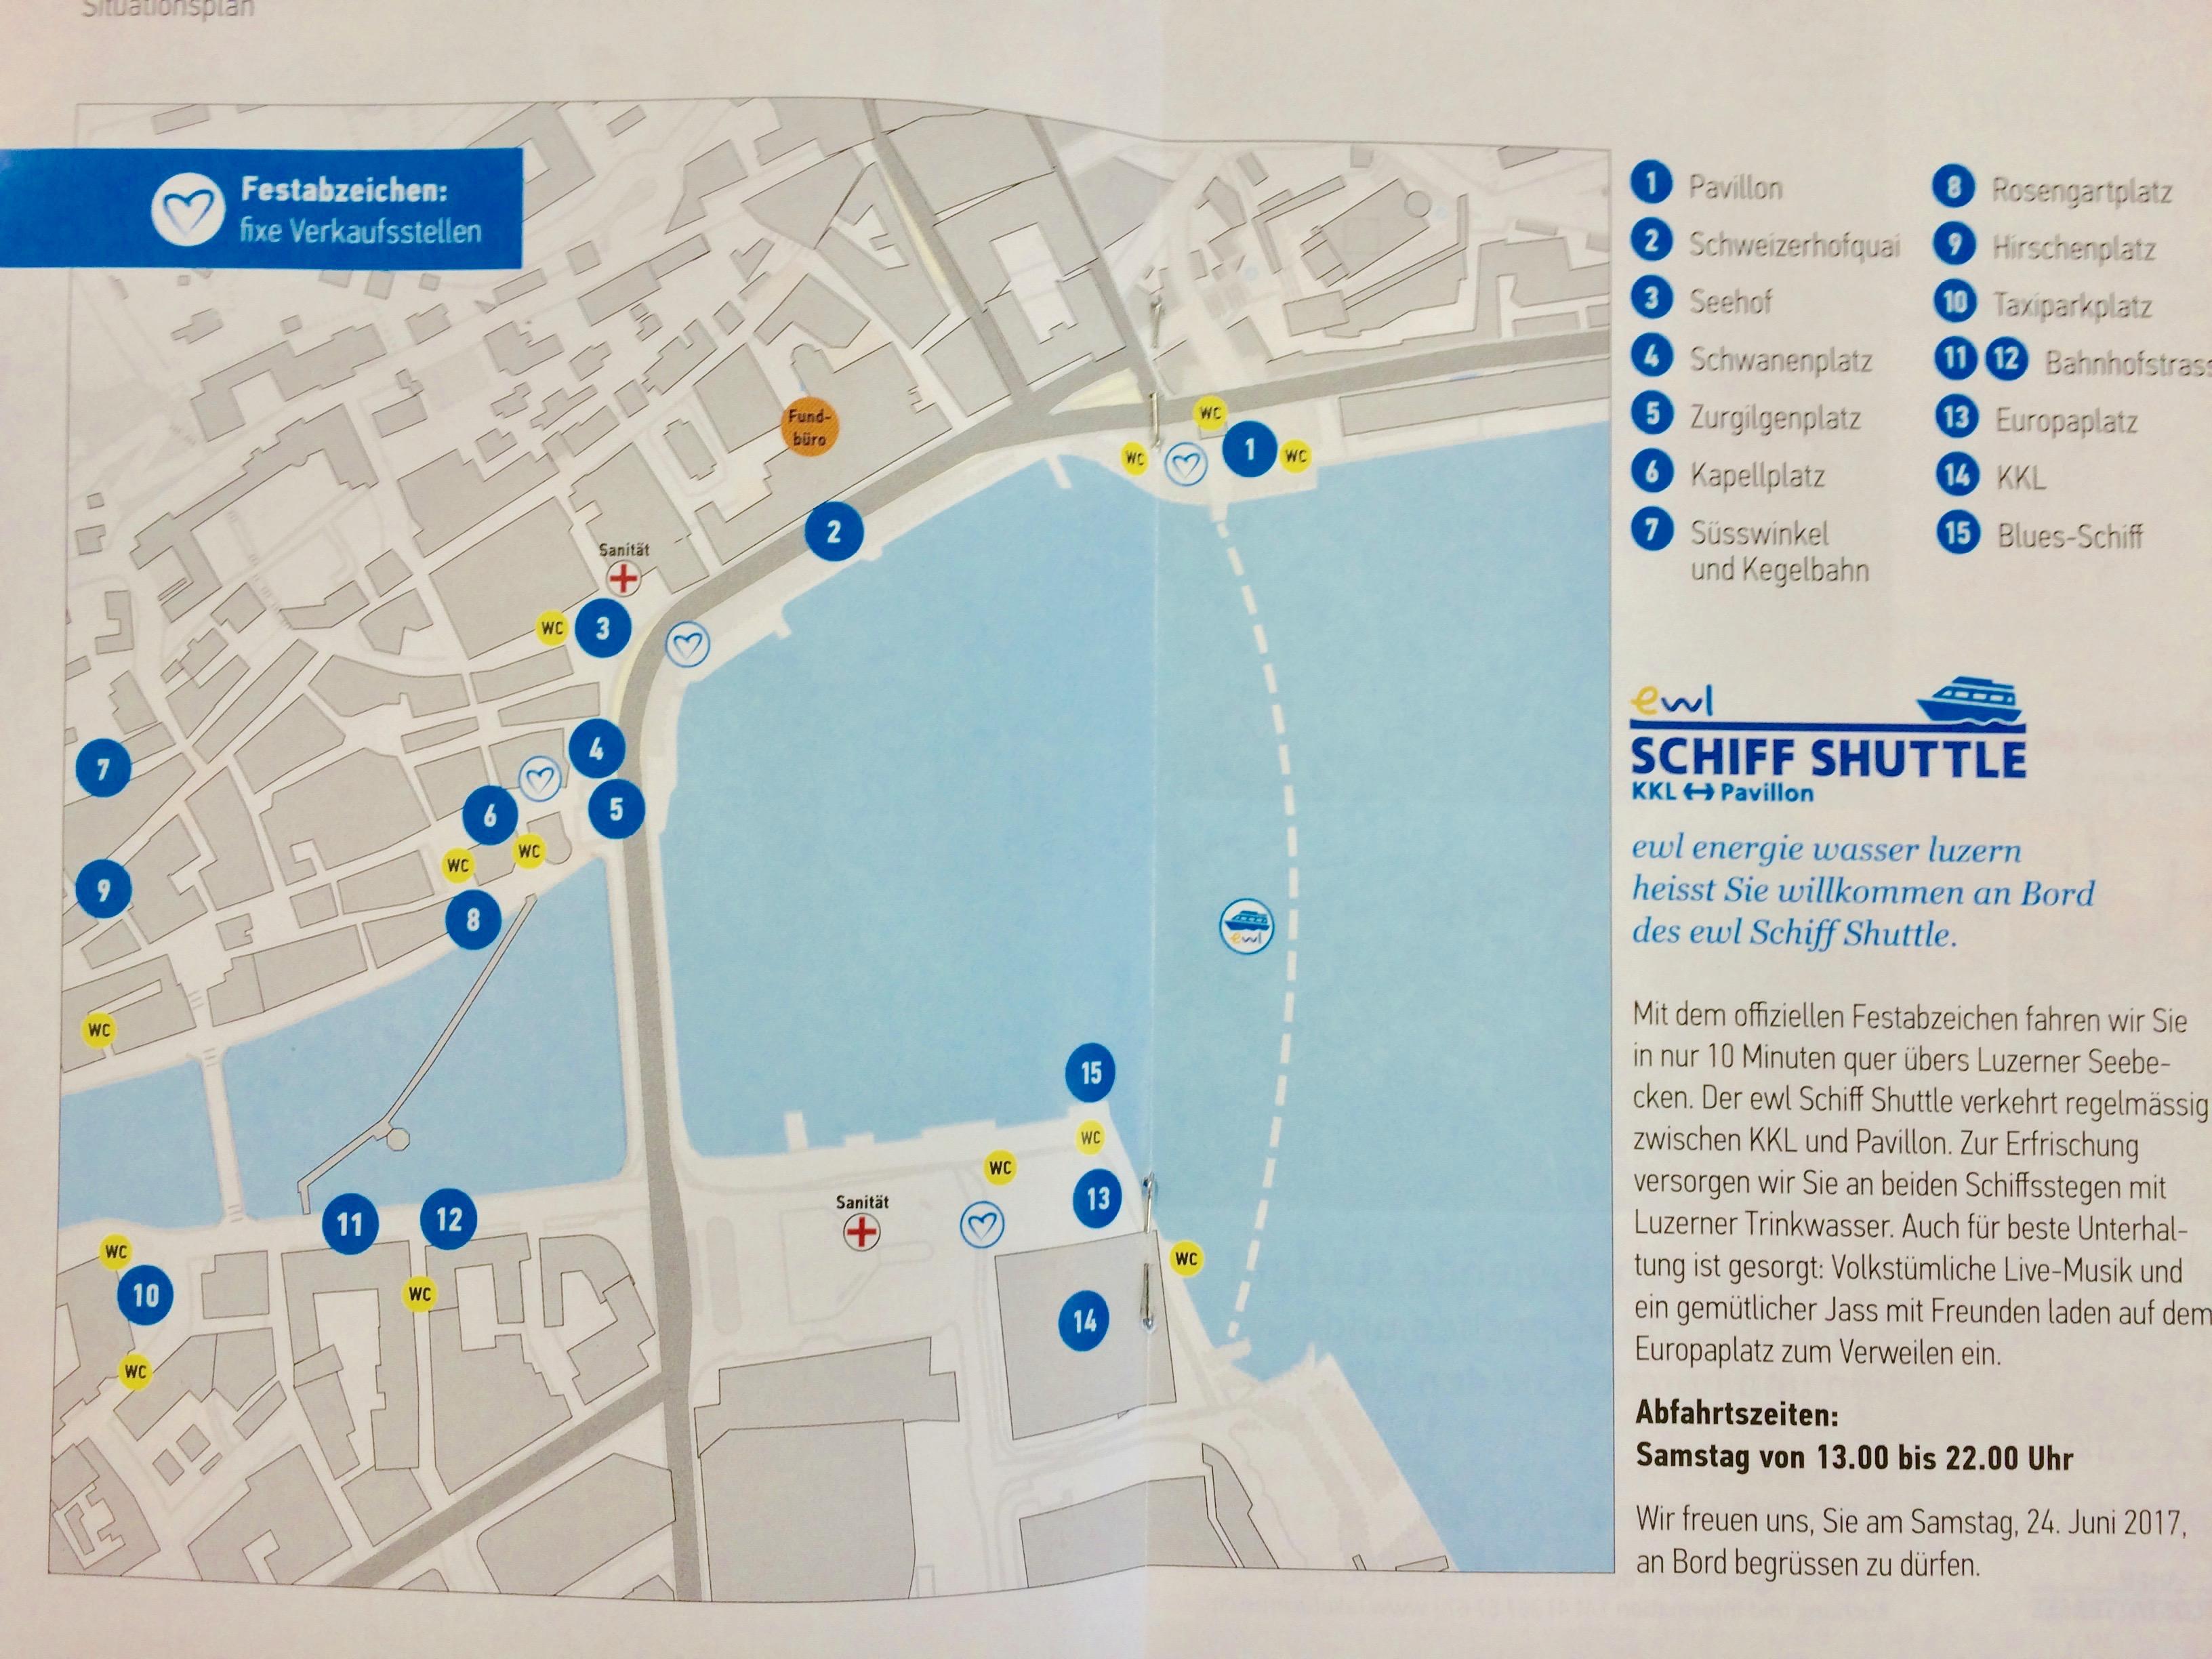 So sieht der Situationsplan des Luzerner Fests aus.